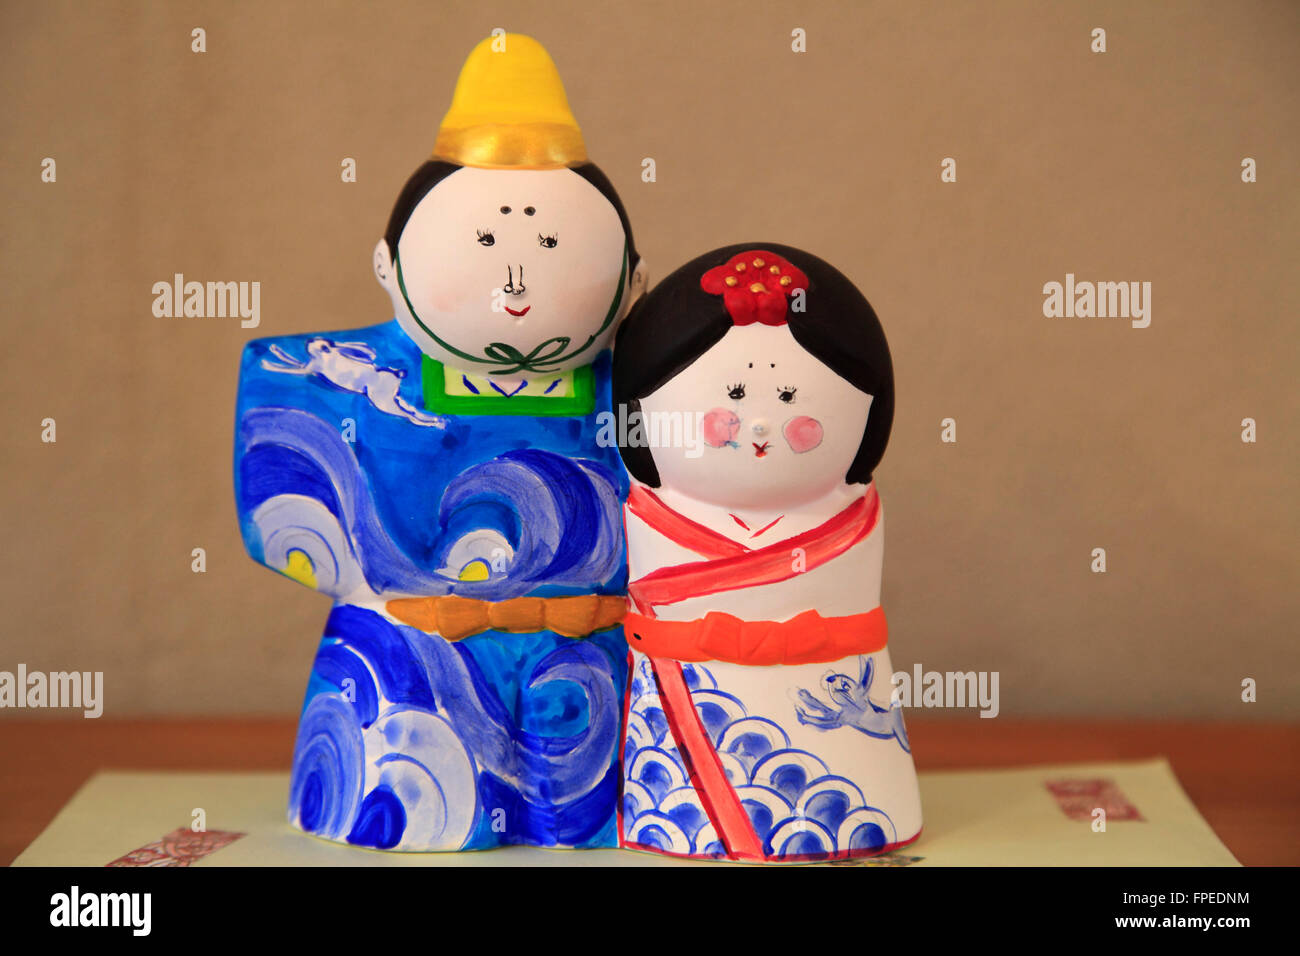 Japan; Seto City, Aichi Prefecture, ceramics, dolls, Stock Photo